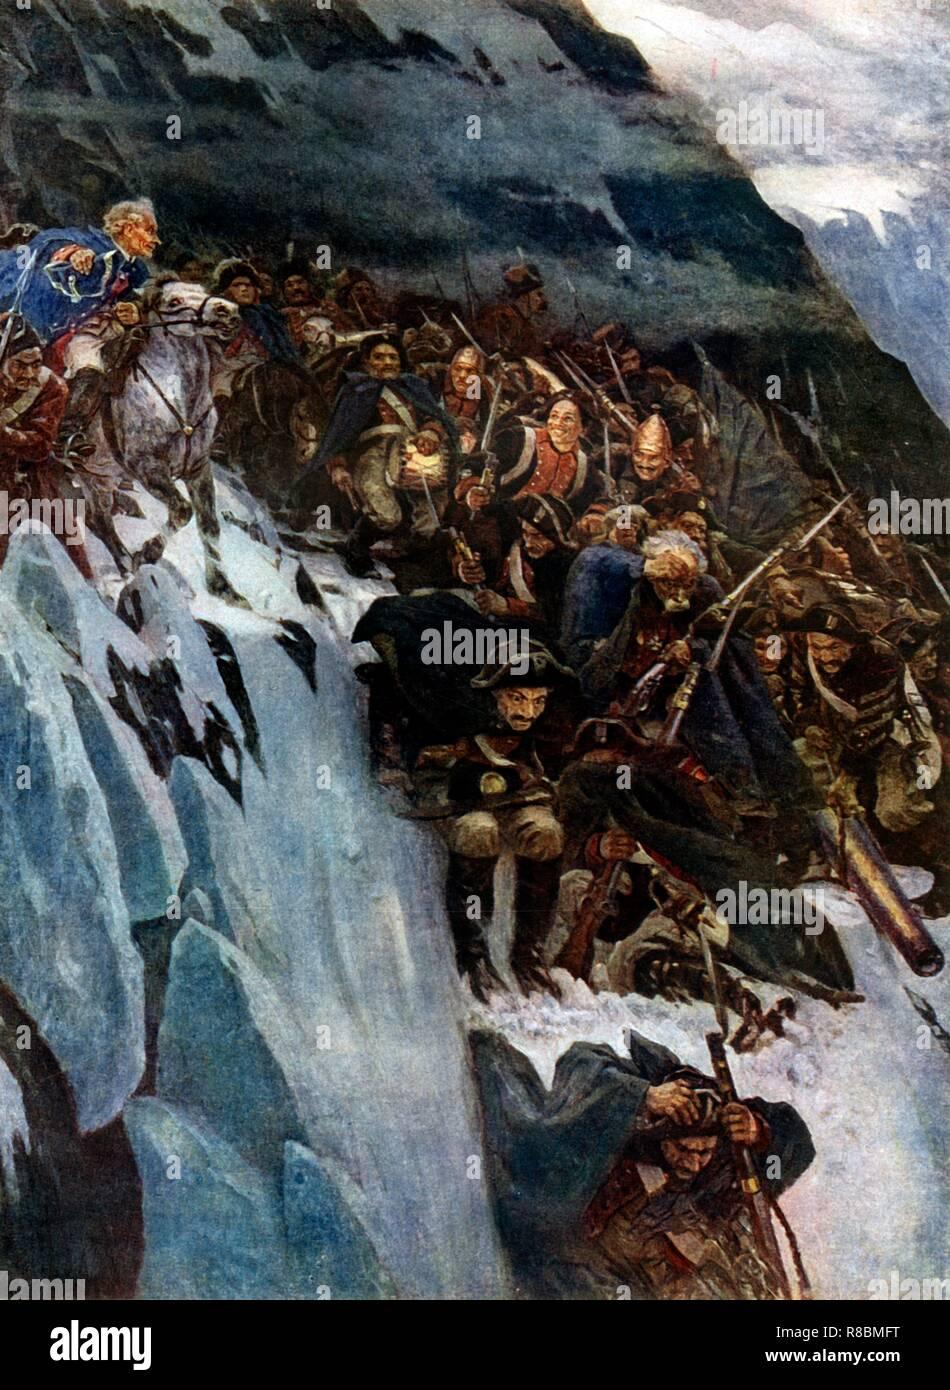 """'Suvorov del marzo attraverso le Alpi"""", 1799, (1899), (1939). Nel 1799 e 1780, il generale Alexander Suvorov (1729-1800) comandato un esercito russo in campagne contro i francesi in Piemonte e Svizzera. Di fronte alla sconfitta, condusse le sue truppe in un epica ritirata attraverso diversi passi alpini, reminiscenza di Annibale. Vassili Surikov (1848-1916) visitied Svizzera per fare ricerca per la pittura, noto anche come """"uvorov attraversamento delle Alpi nel 1799"""", che fu acquistato dal Tsar Nicholas II. Surikov è noto per i suoi storici dipinti in stile realista. Egli è stato un membro della Peredvizhniki, un artisti Immagini Stock"""